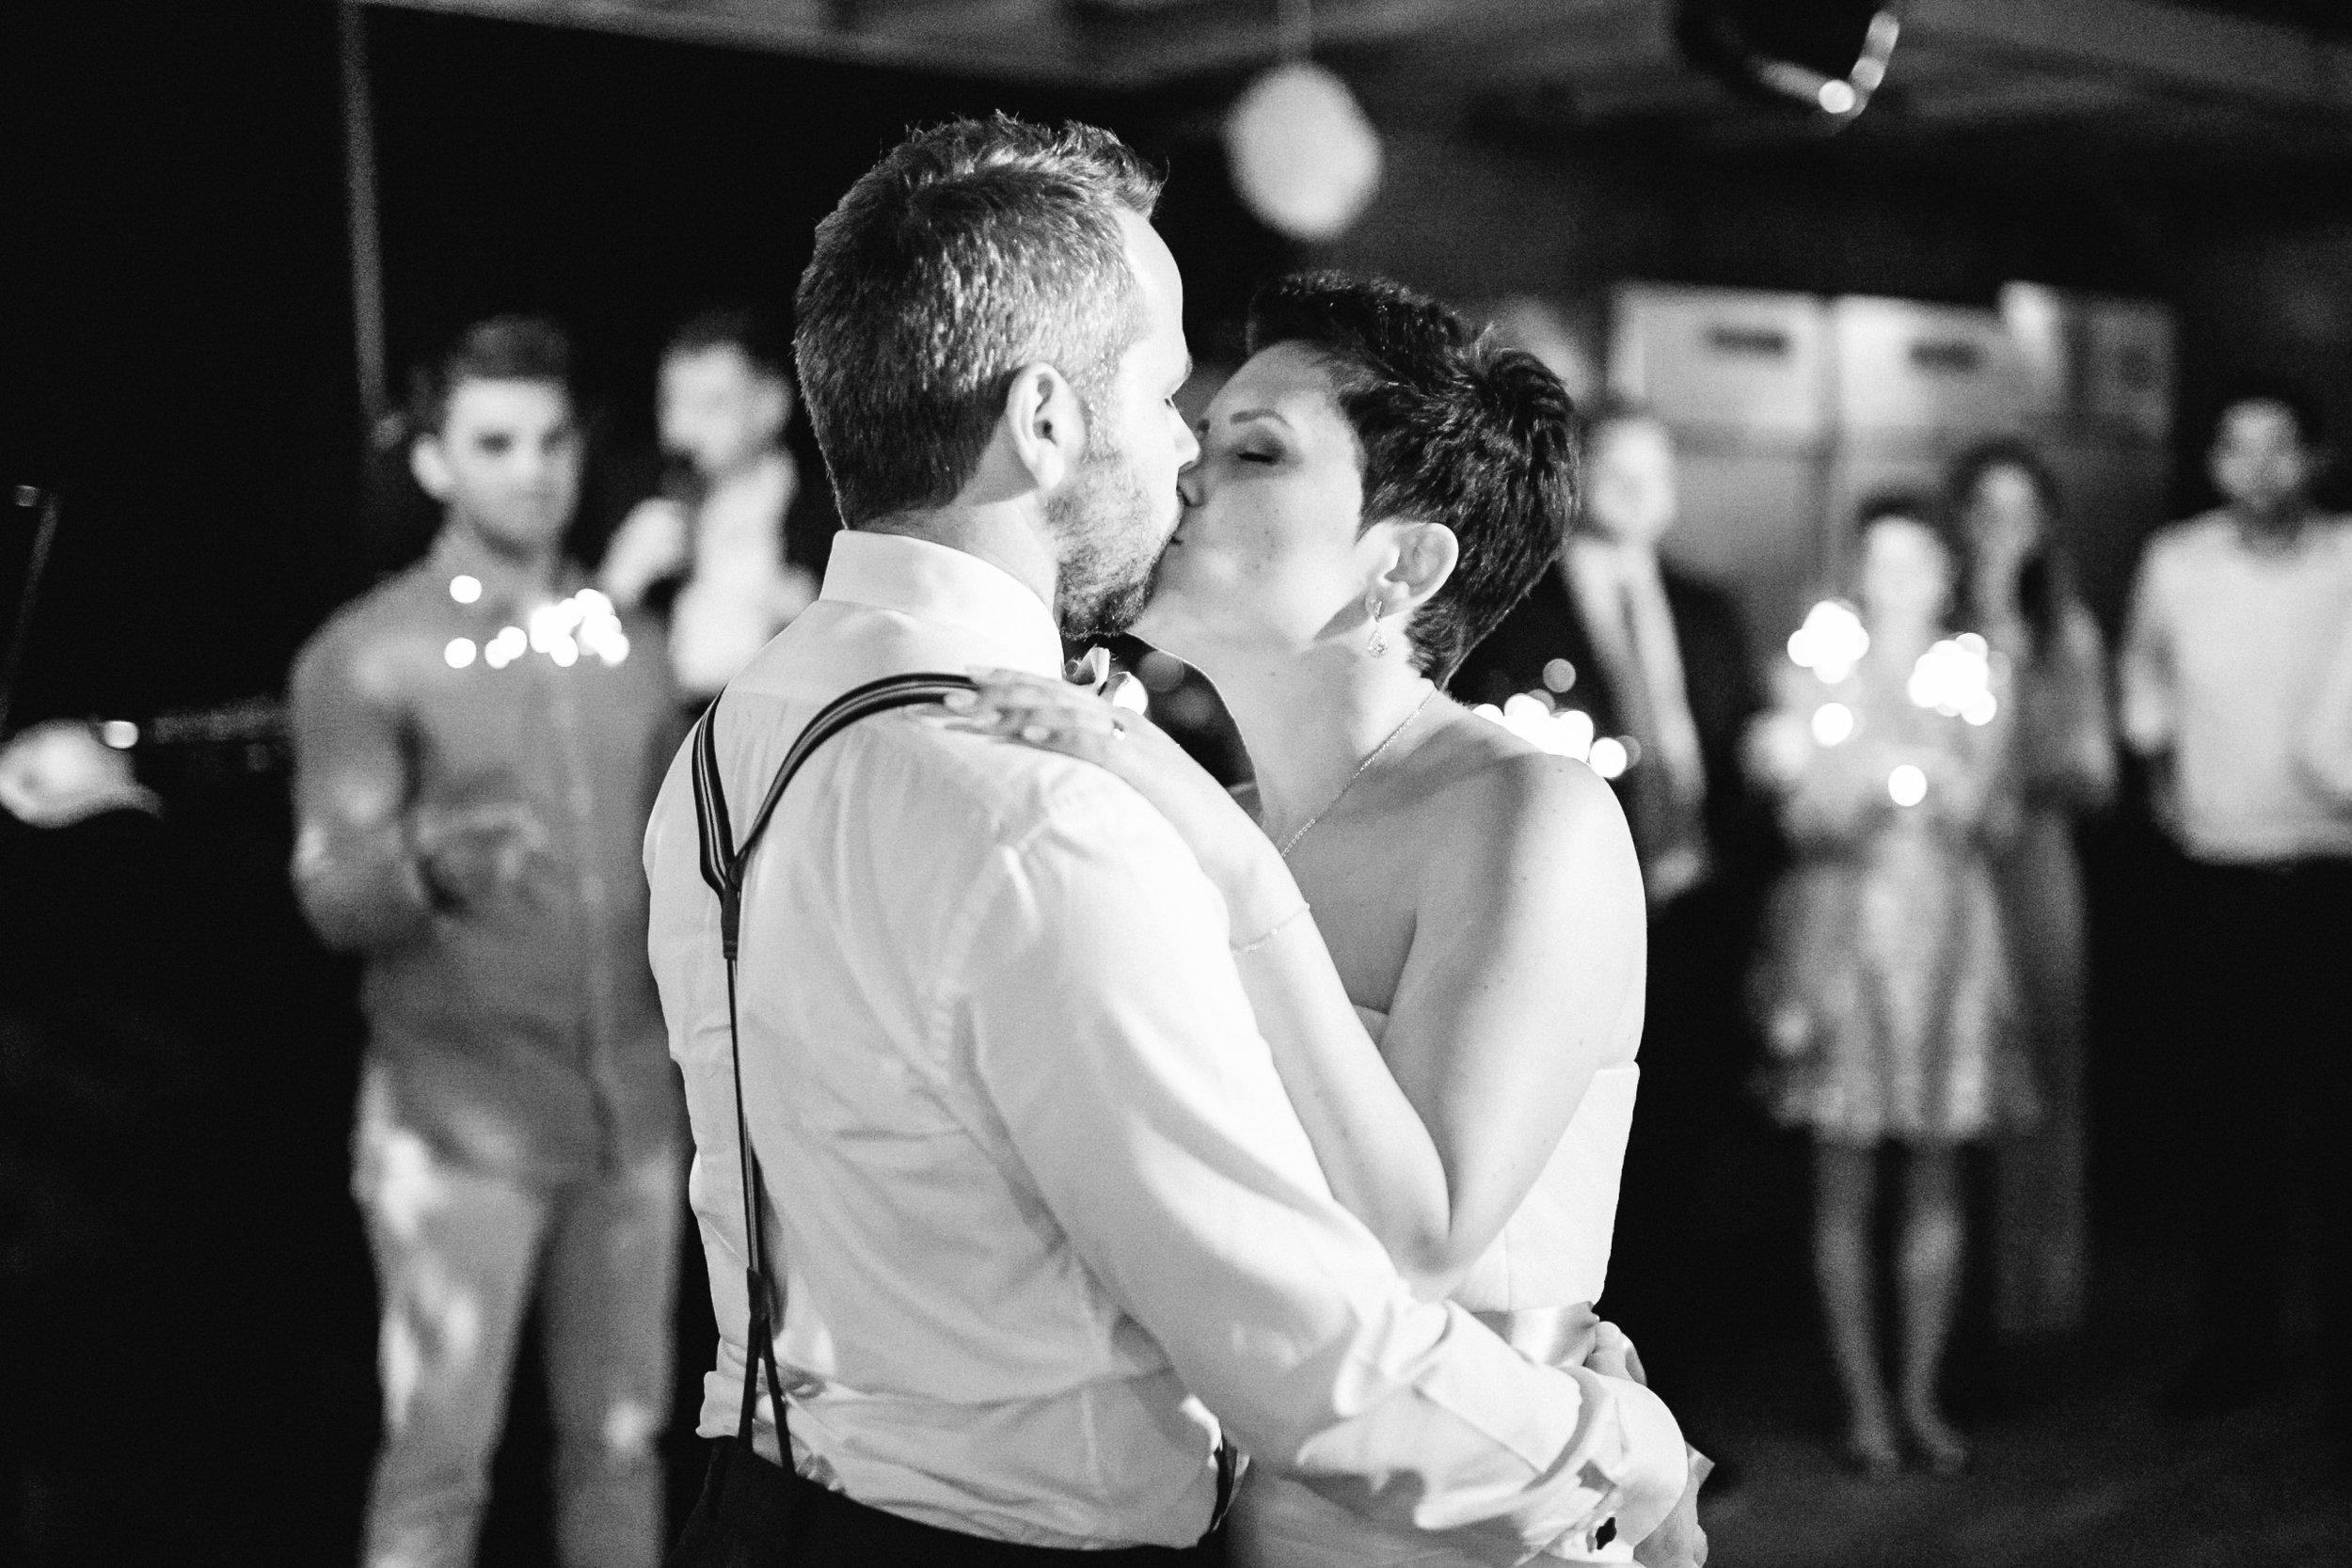 Hochzeitsreportage (0863 von 0863).jpg